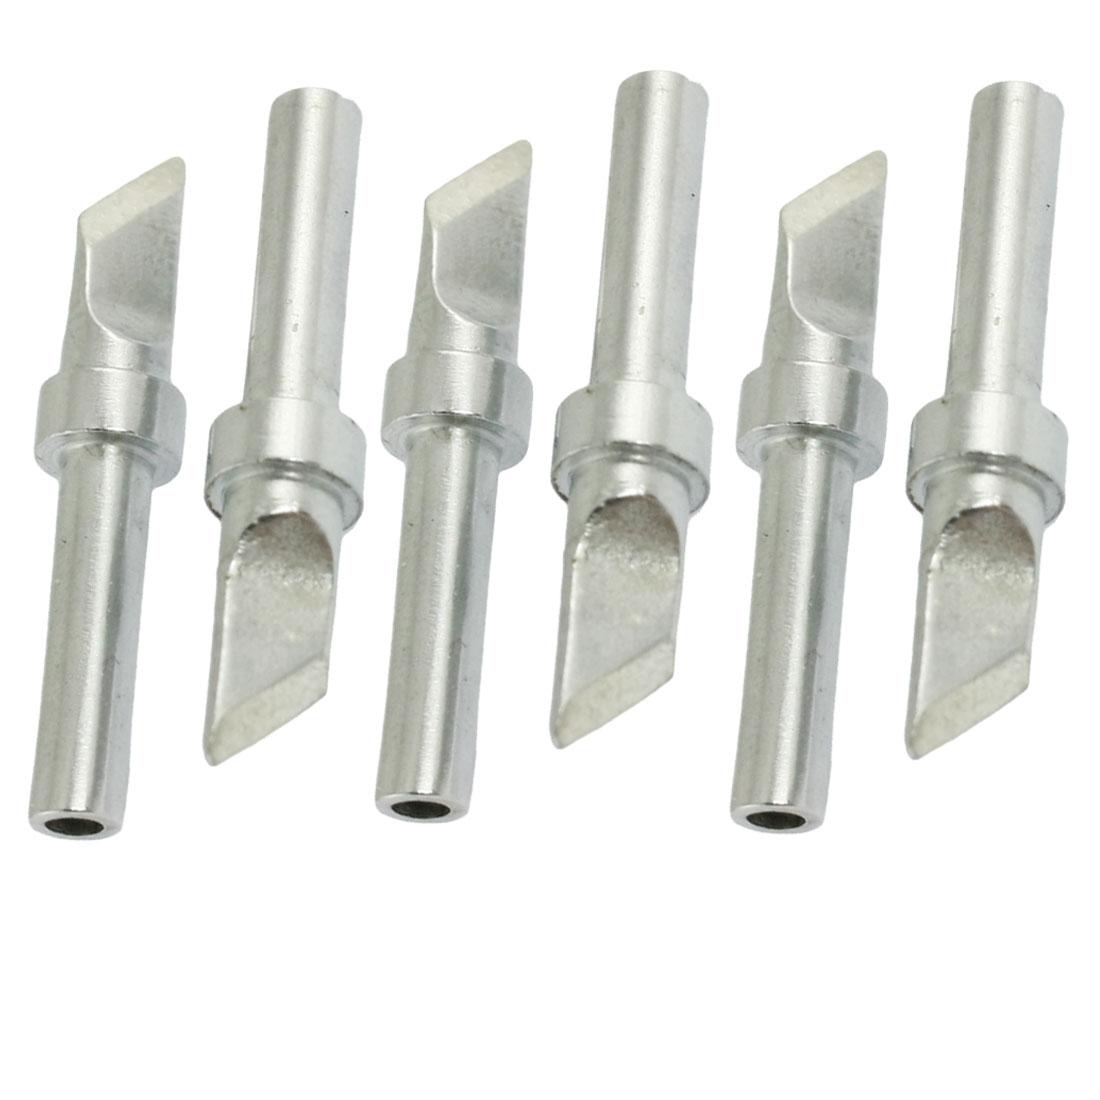 200-T-K Replaceable Bevel Welding Tool Soldering Iron Tip 5 Pcs